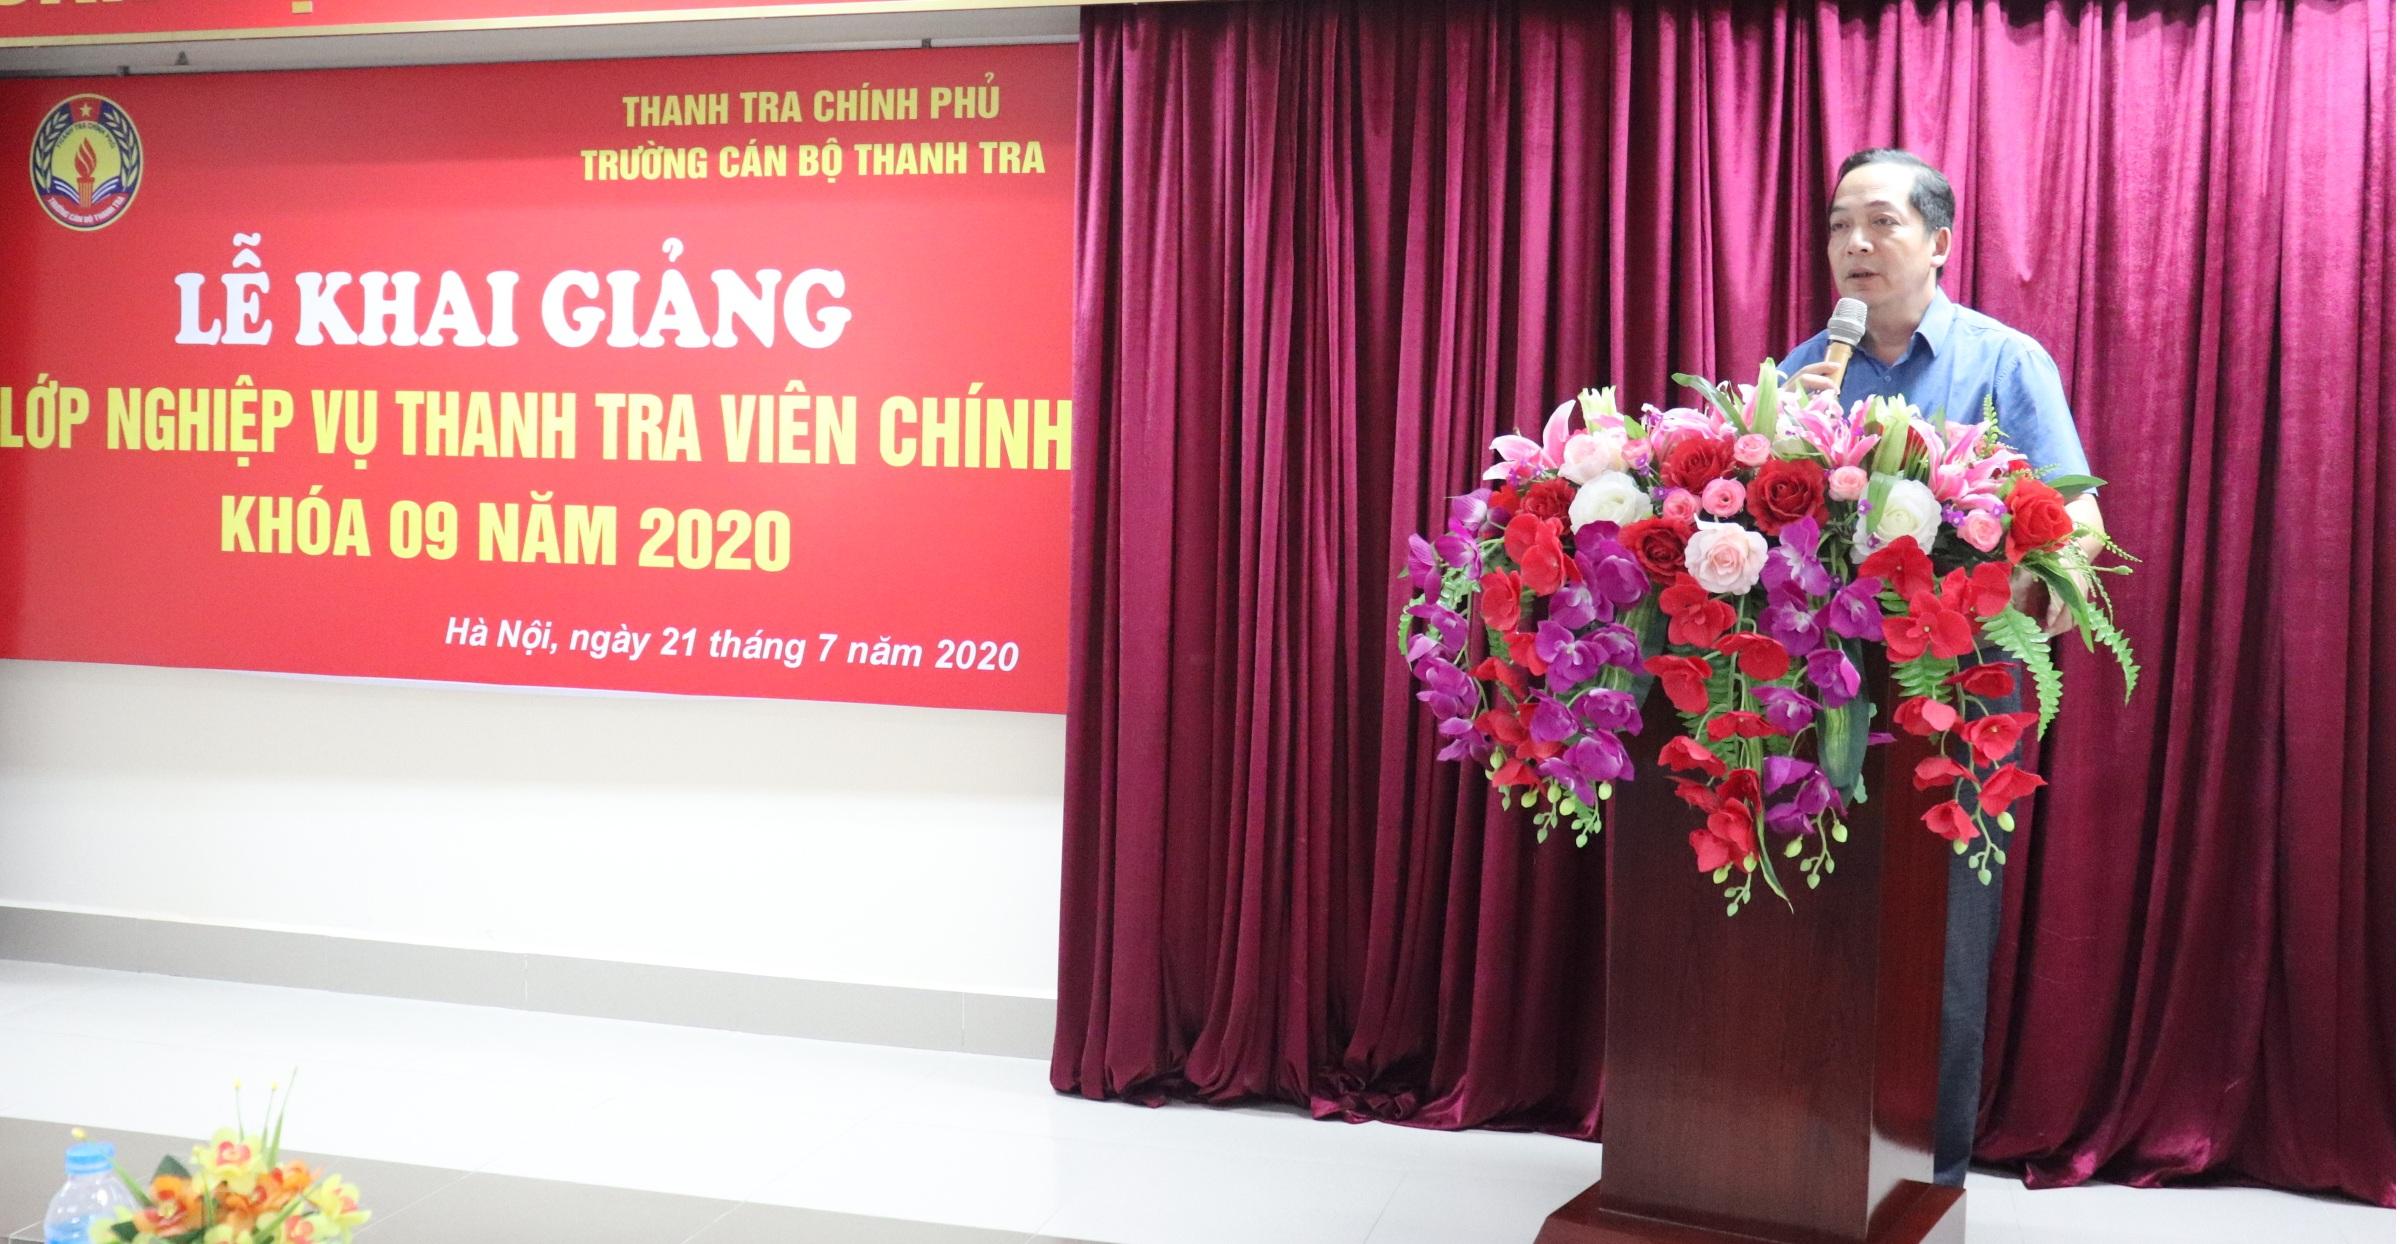 TS Nguyễn Huy Hoàng TTVCC Phó Hiệu trưởng Nhà trường phát biểu khai giảng khóa học